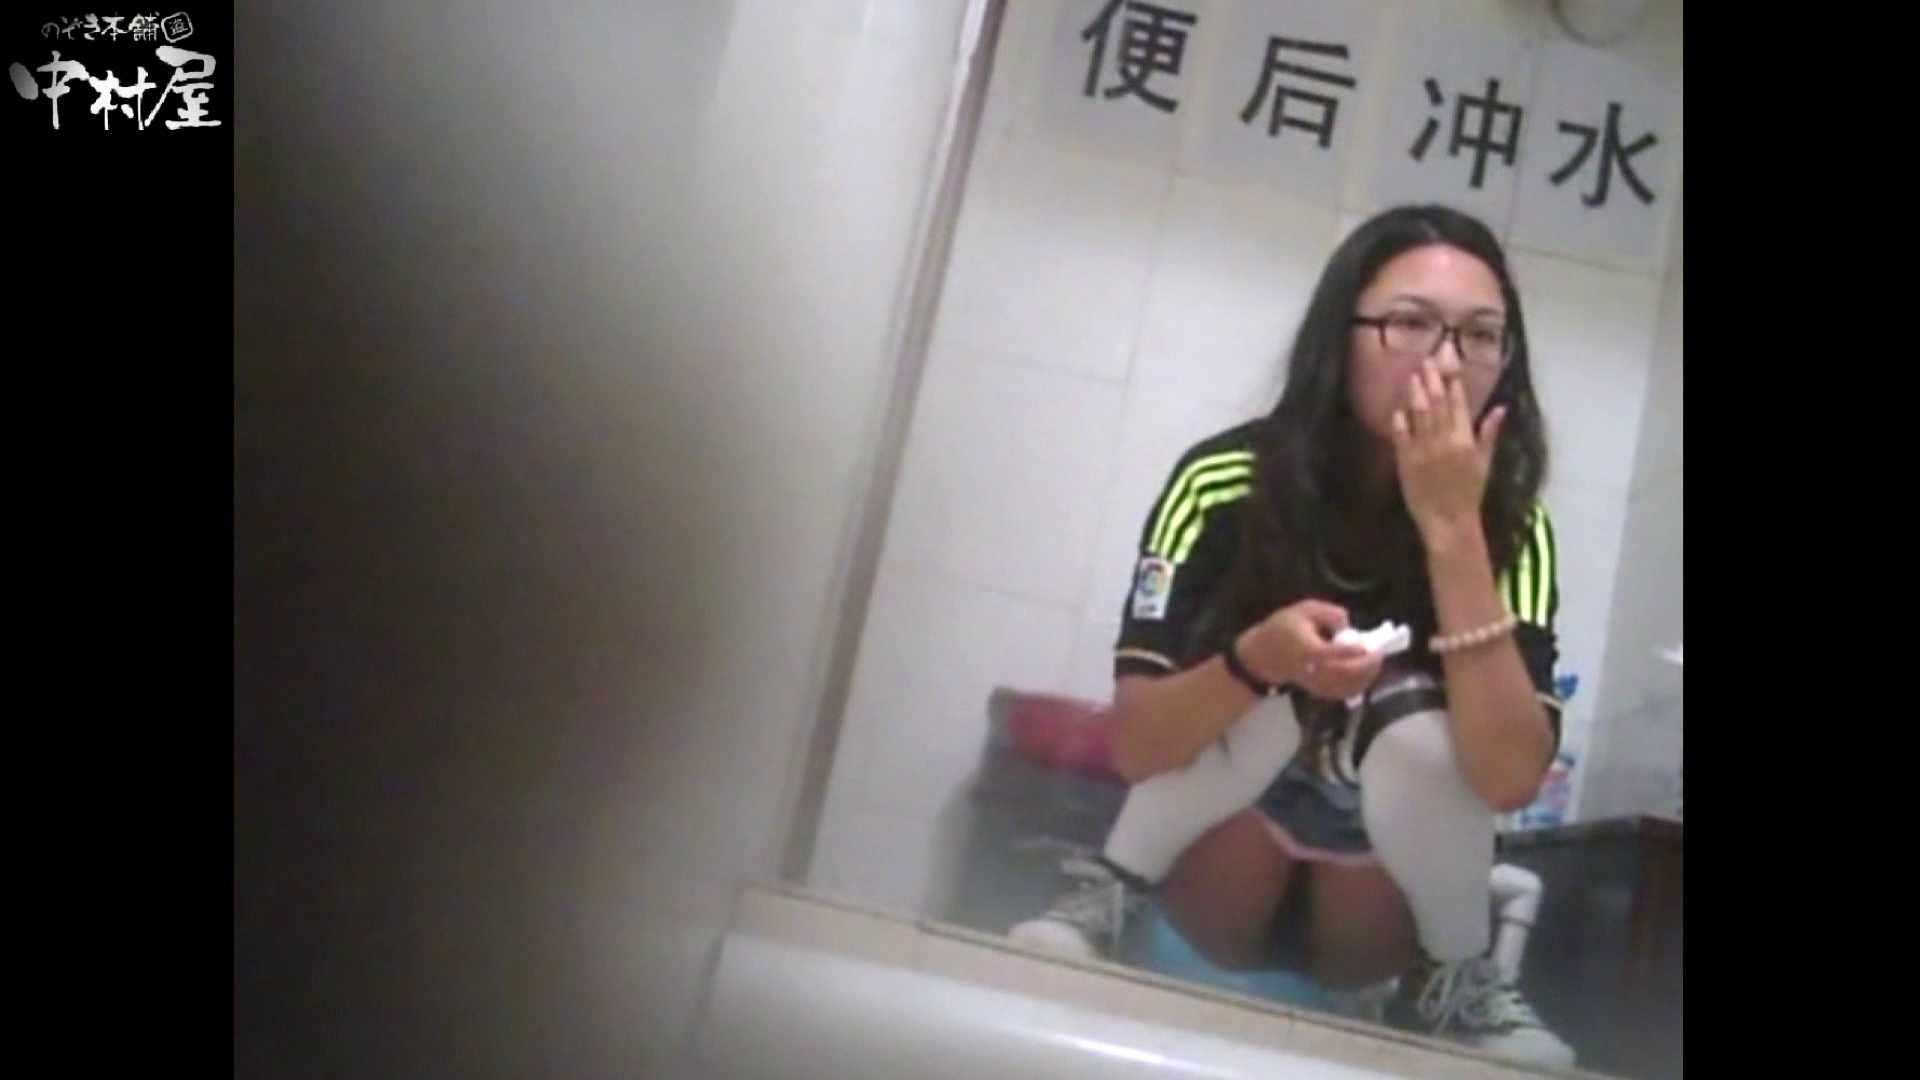 李さんの盗撮日記 Vol.13 ギャルヌード アダルト動画キャプチャ 109画像 28